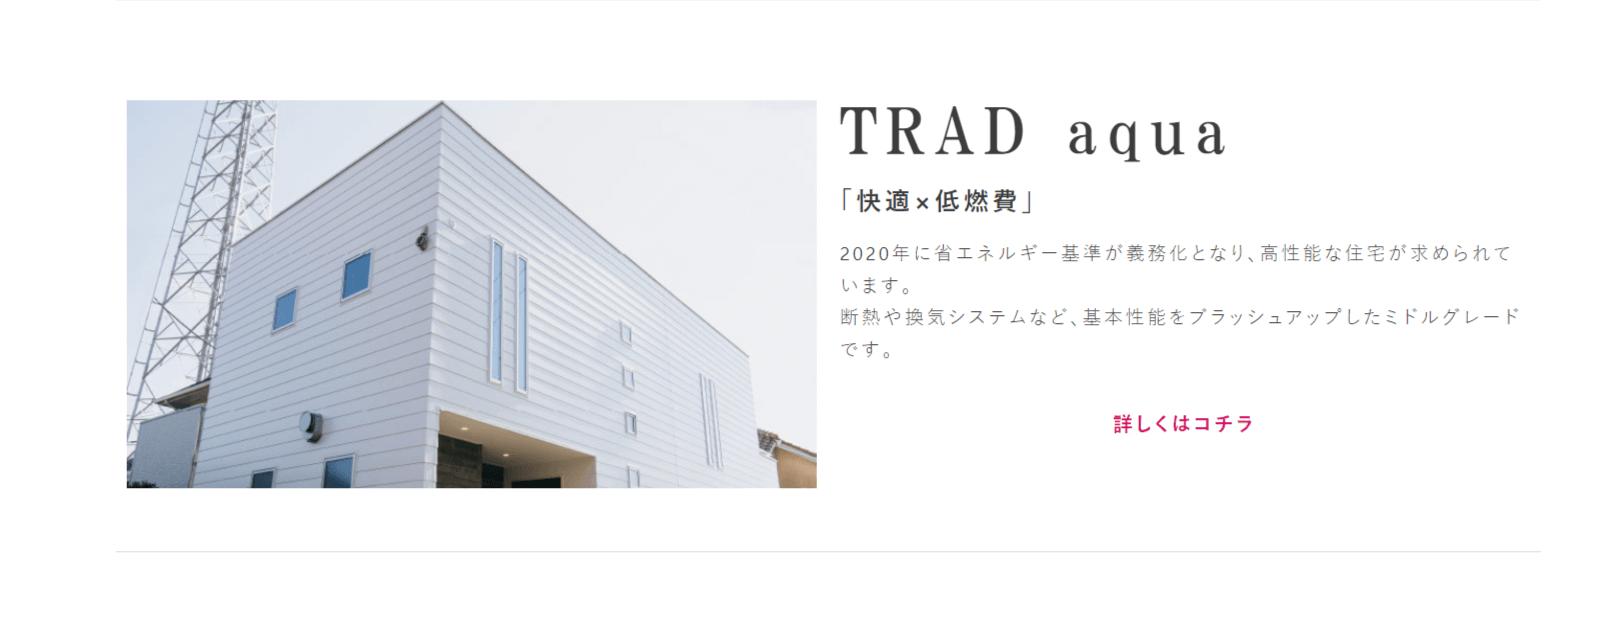 三京建設株式会社の画像3